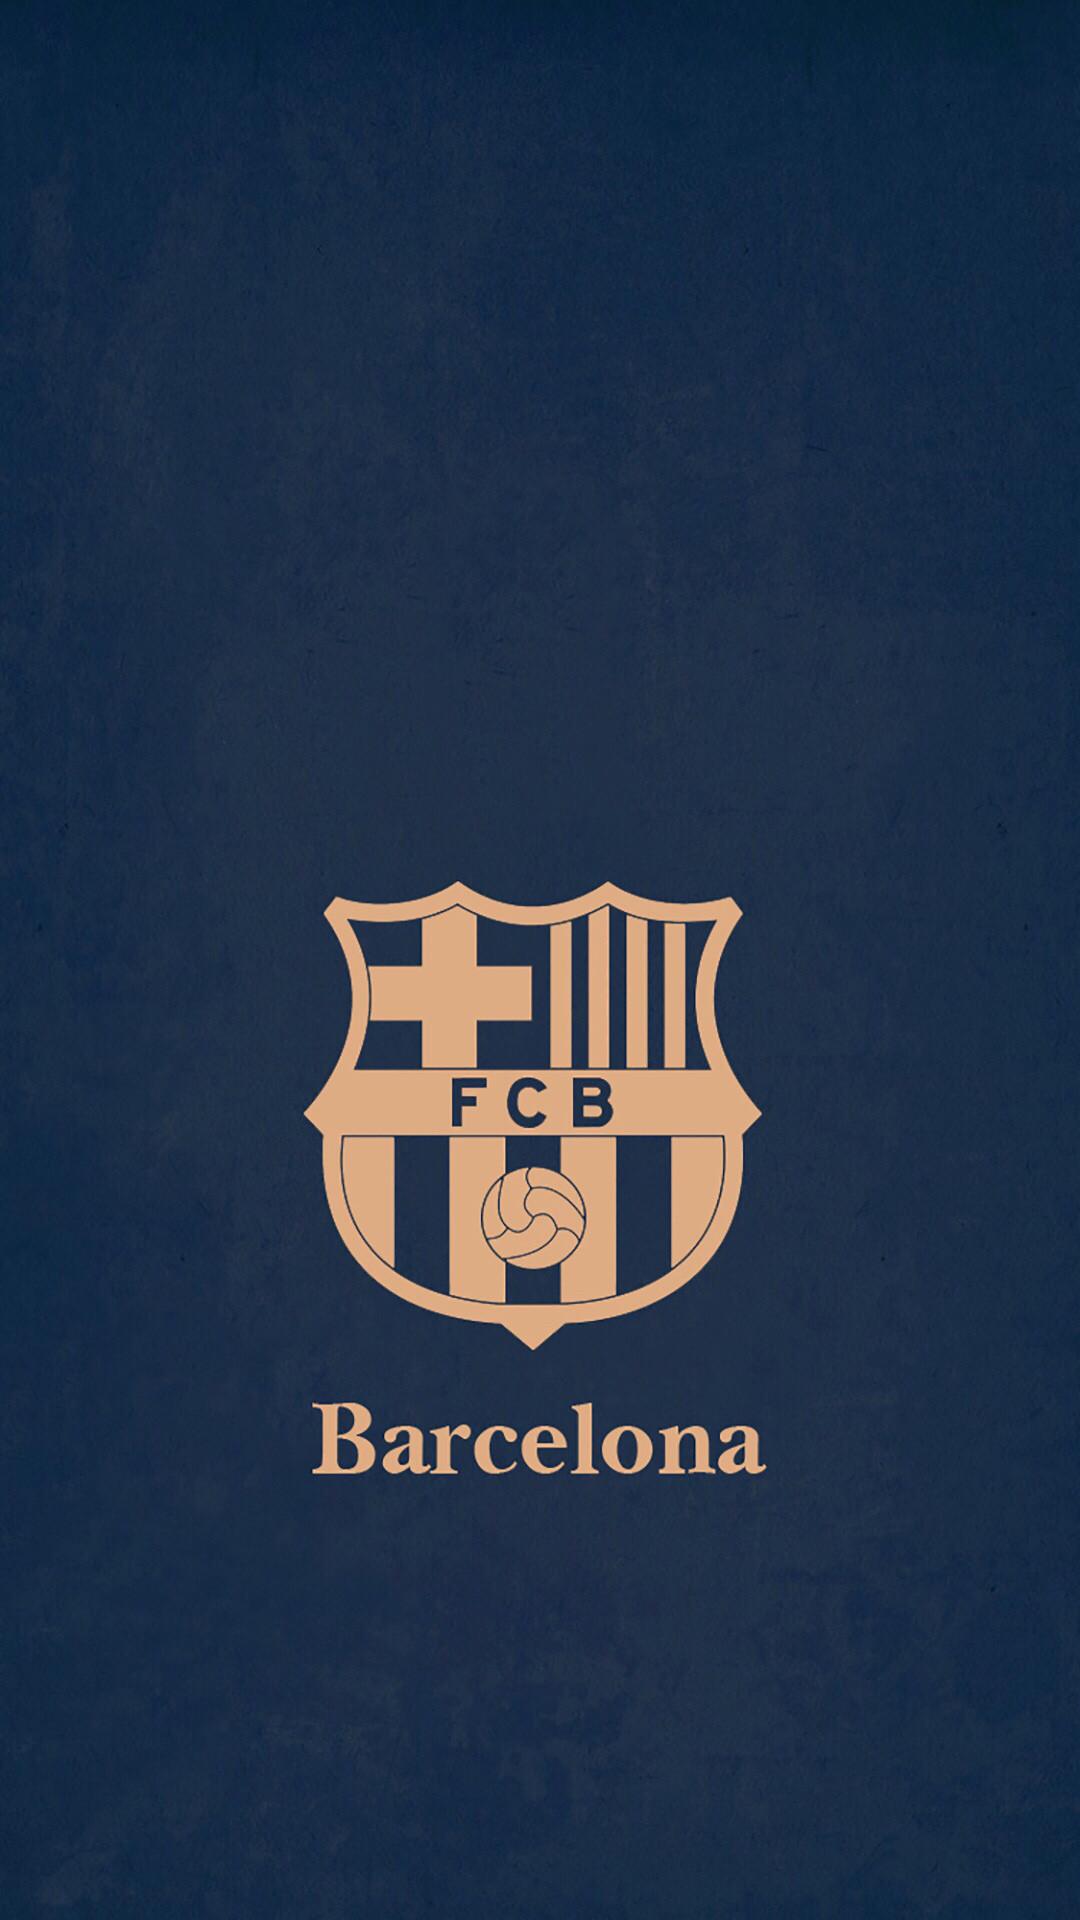 Fc Barcelona 3d Crest Live Wallpaper Fcb Logo Wallpaper Impremedia Net